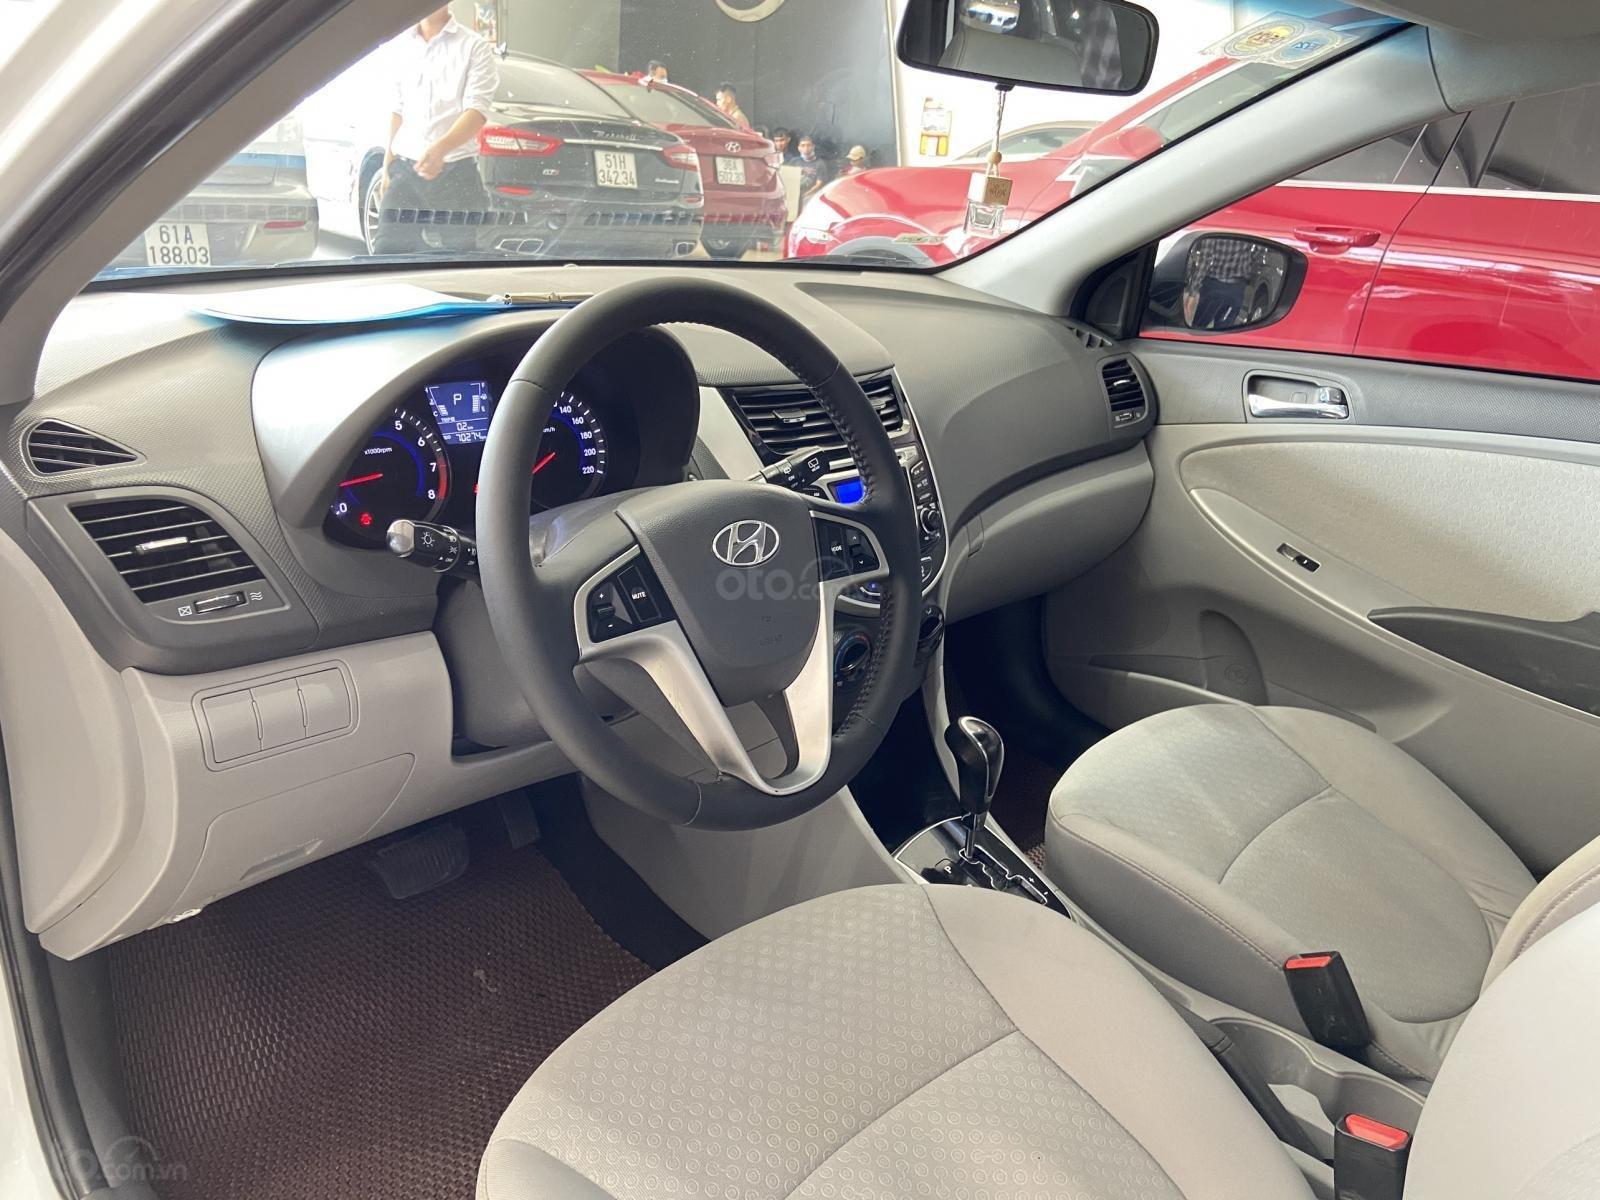 Bán xe Hyundai Accent màu trắng, xe gia đình nên đẹp như mới (9)